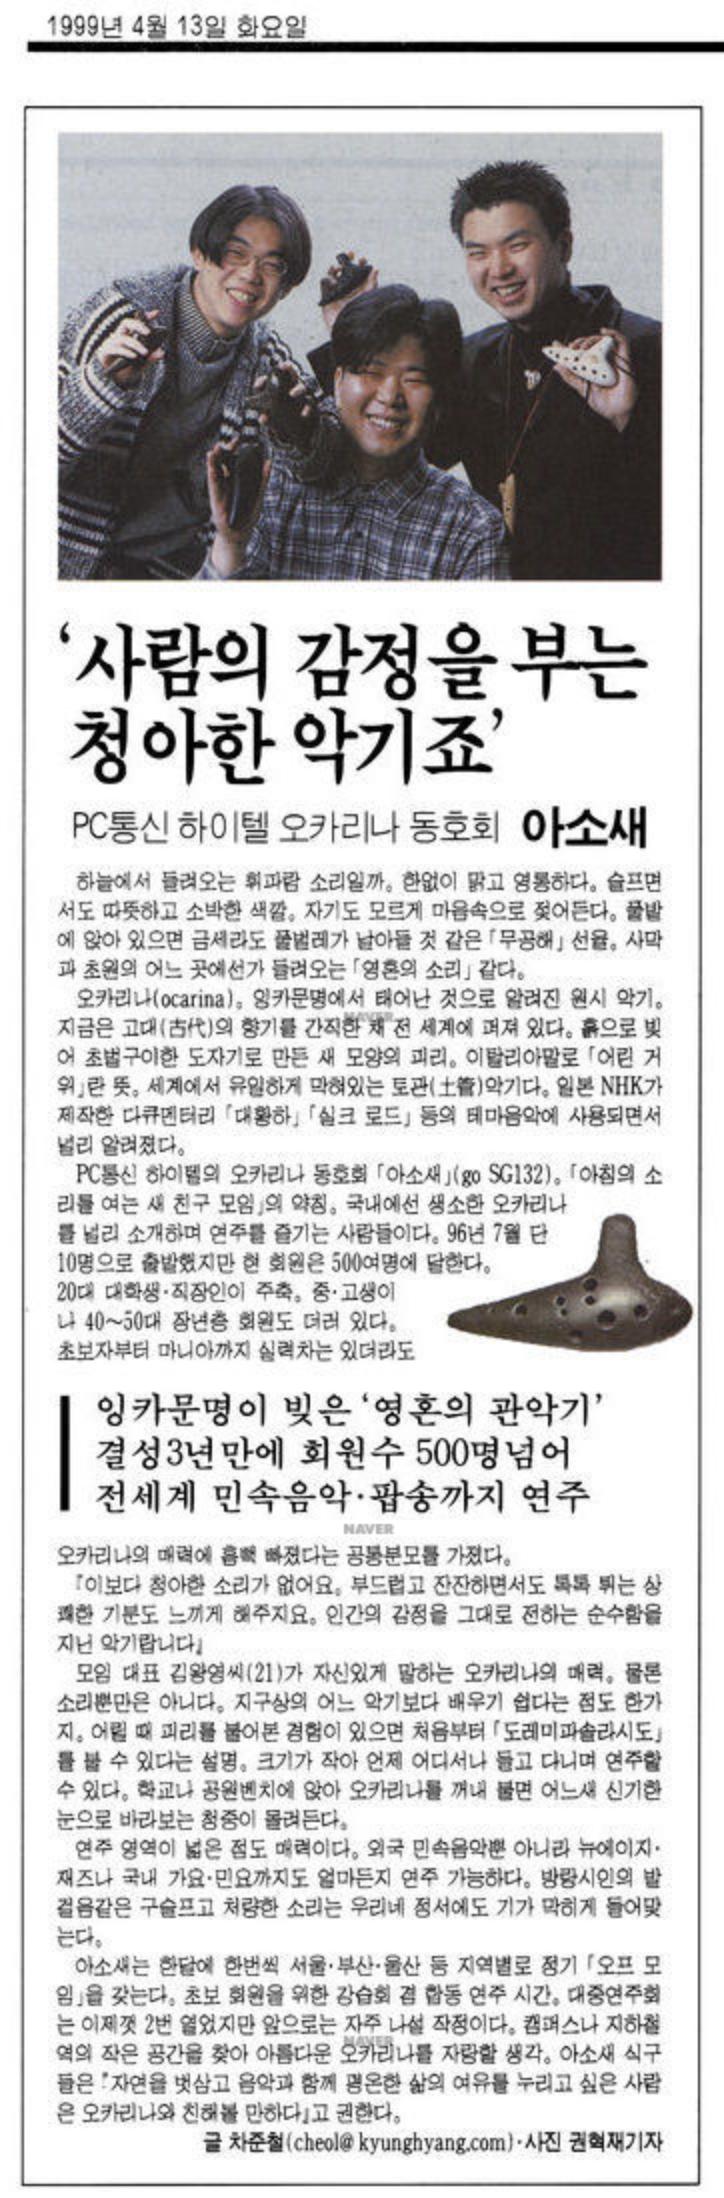 1999년 4월 13일자 경향신문 매거진X에 실린 기사